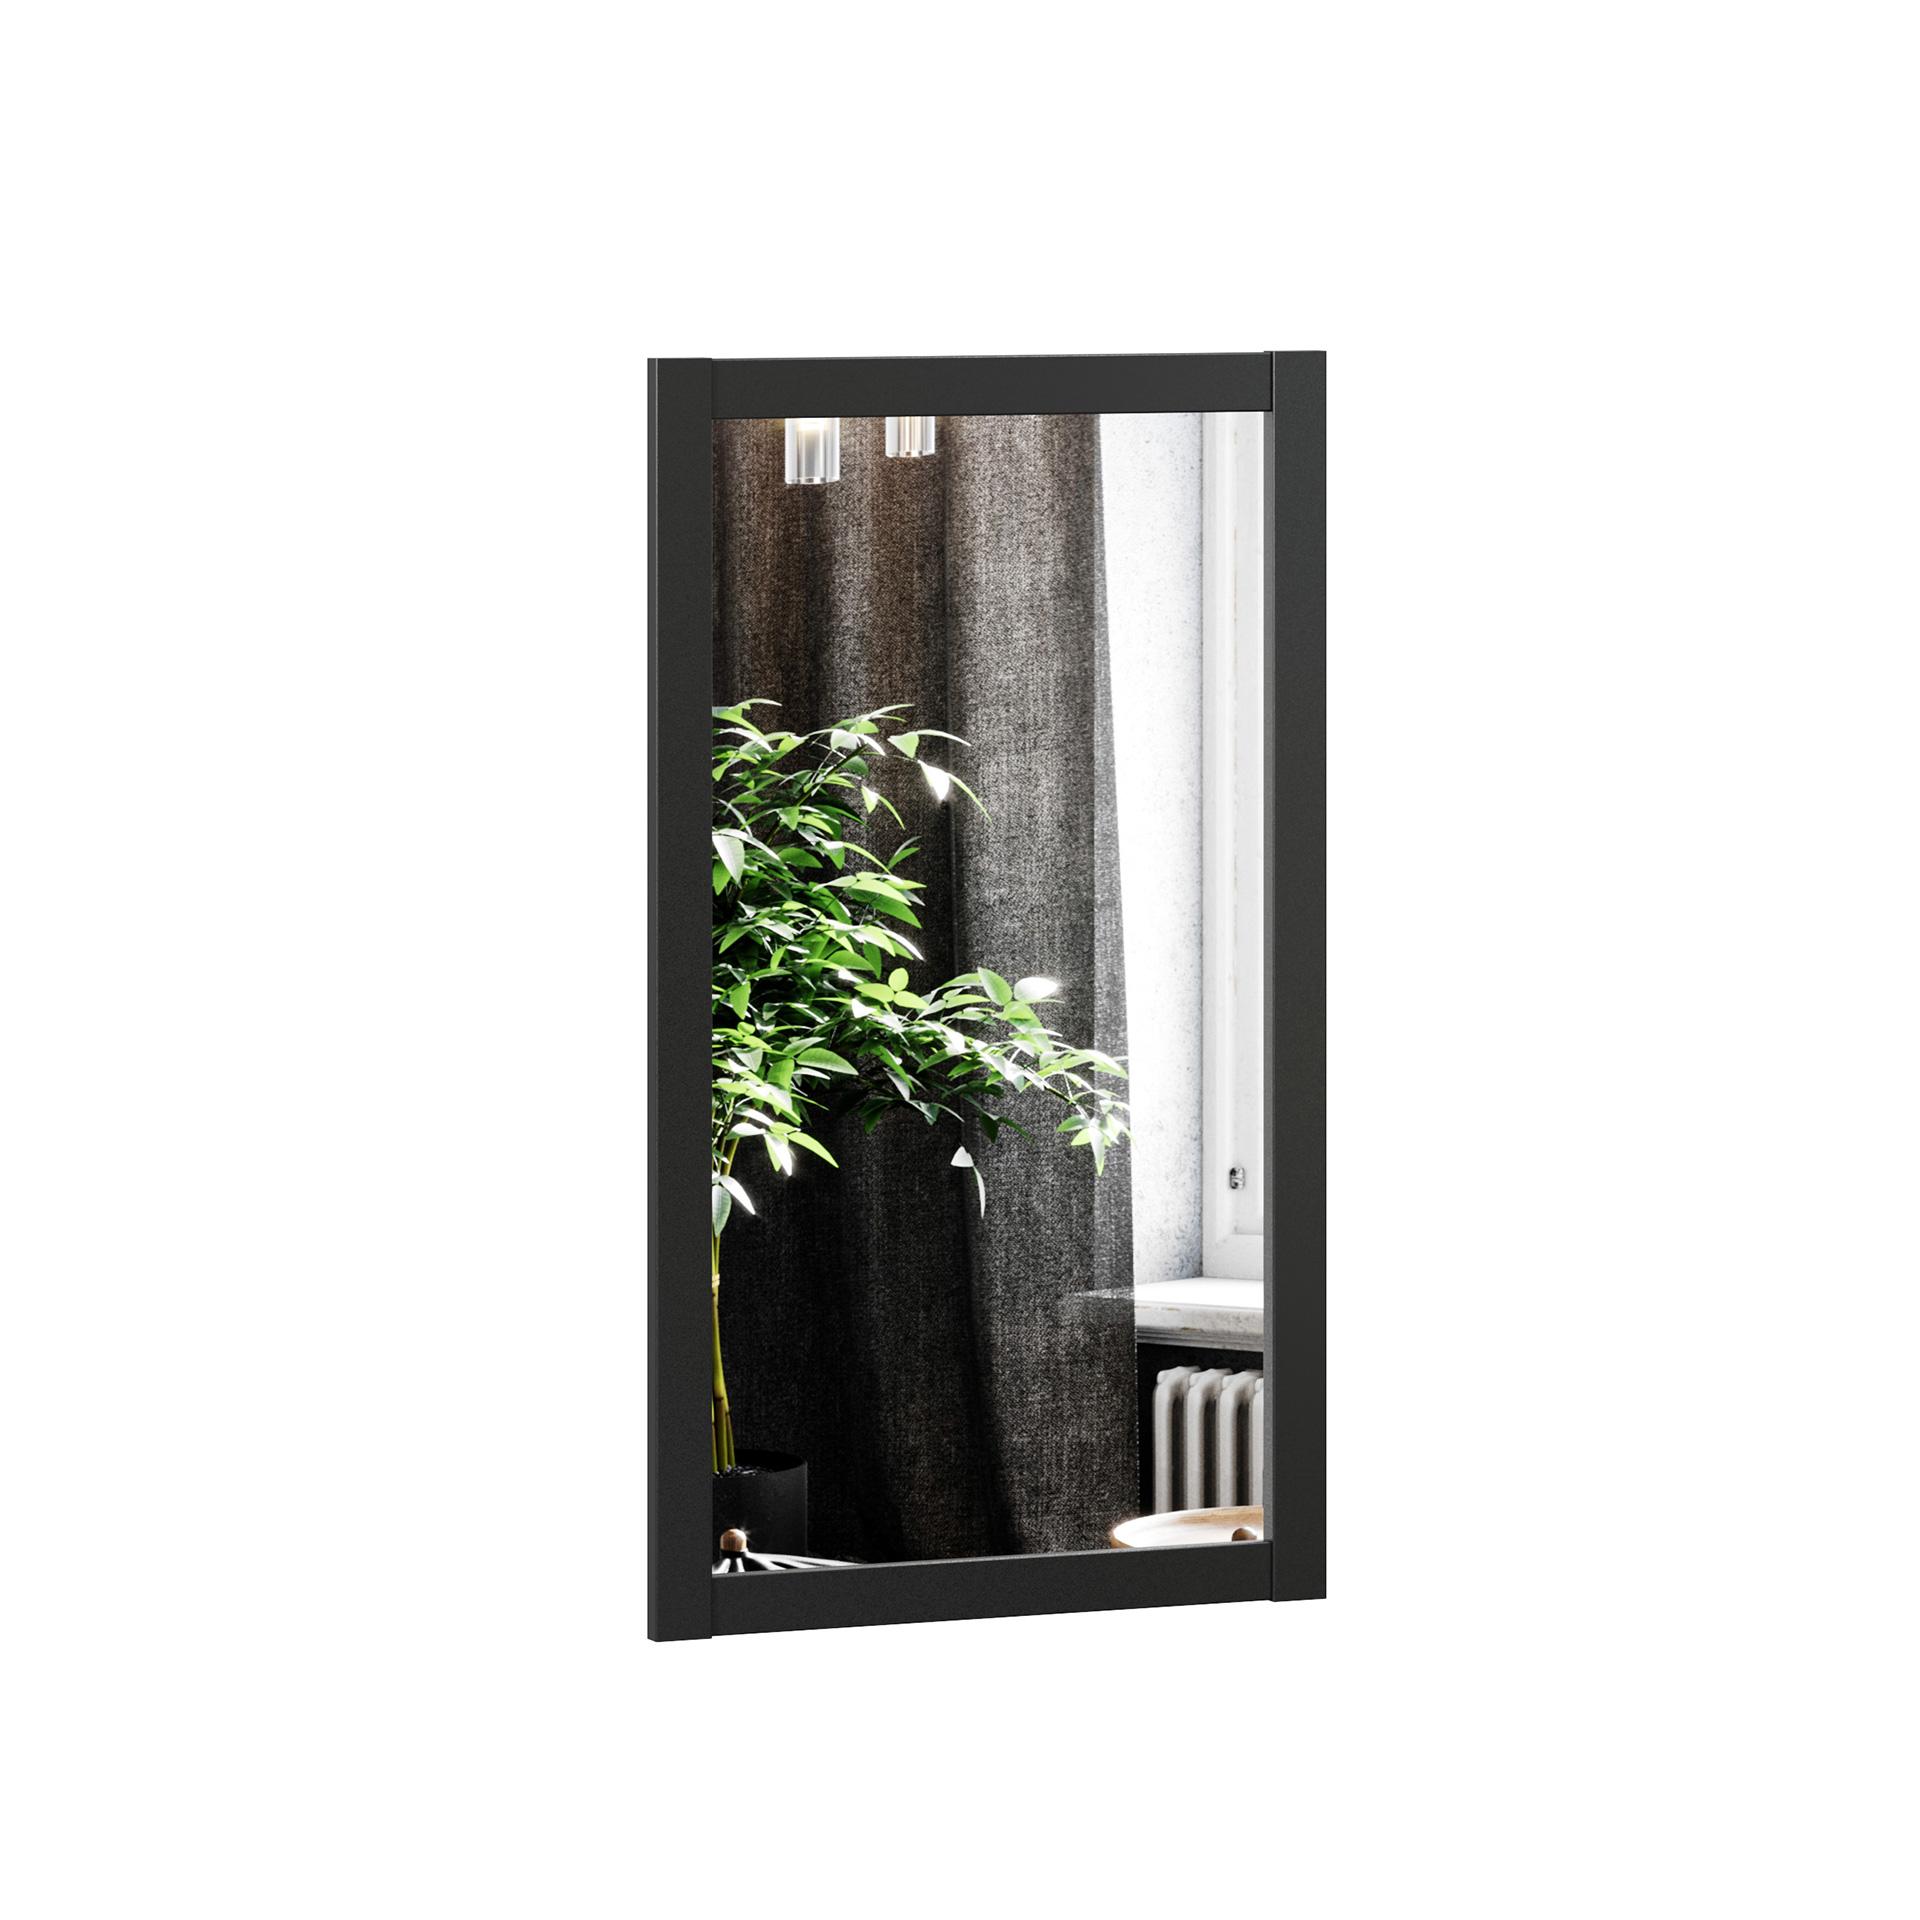 Lubidom Wohnzimmer Wandspiegel Techno in Schwarz